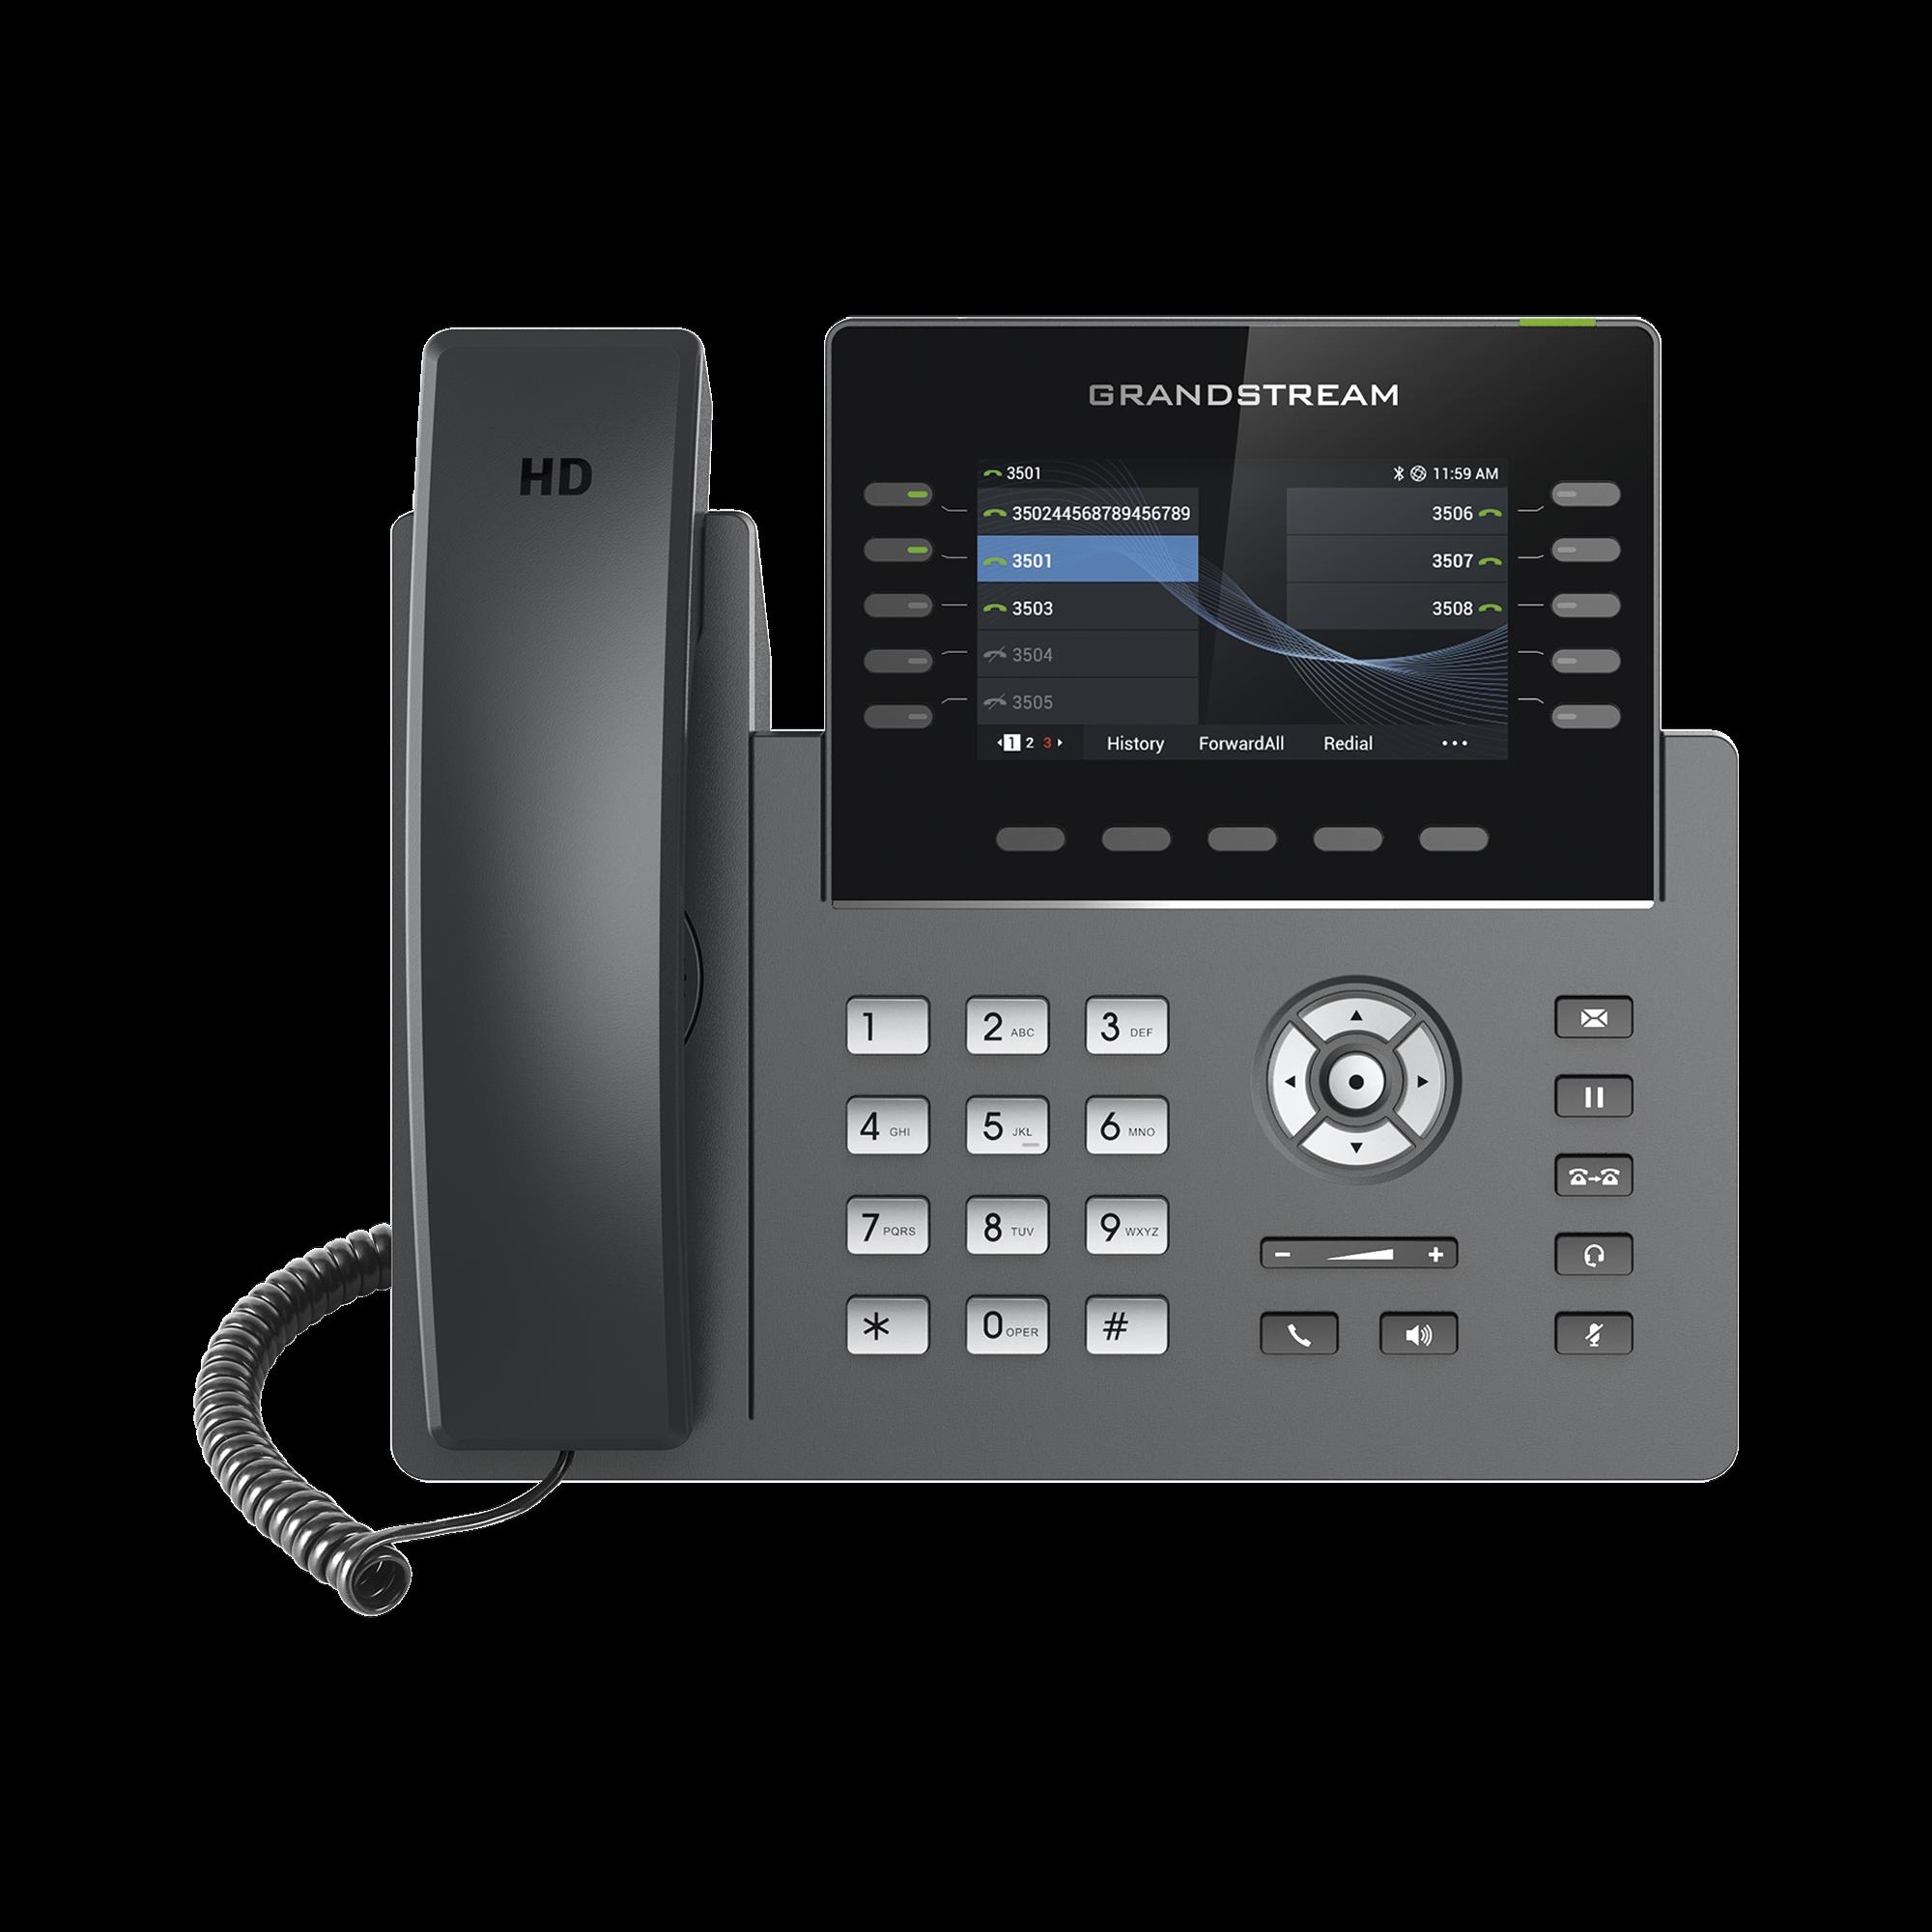 Teléfono IP Wi-Fi, Grado Operador, 10 líneas SIP con 5 cuentas, pantalla a color 2.8, puertos Gigabit, Bluetooth, PoE, codec Opus, IPV4/IPV6 con gestión en la nube GDMS